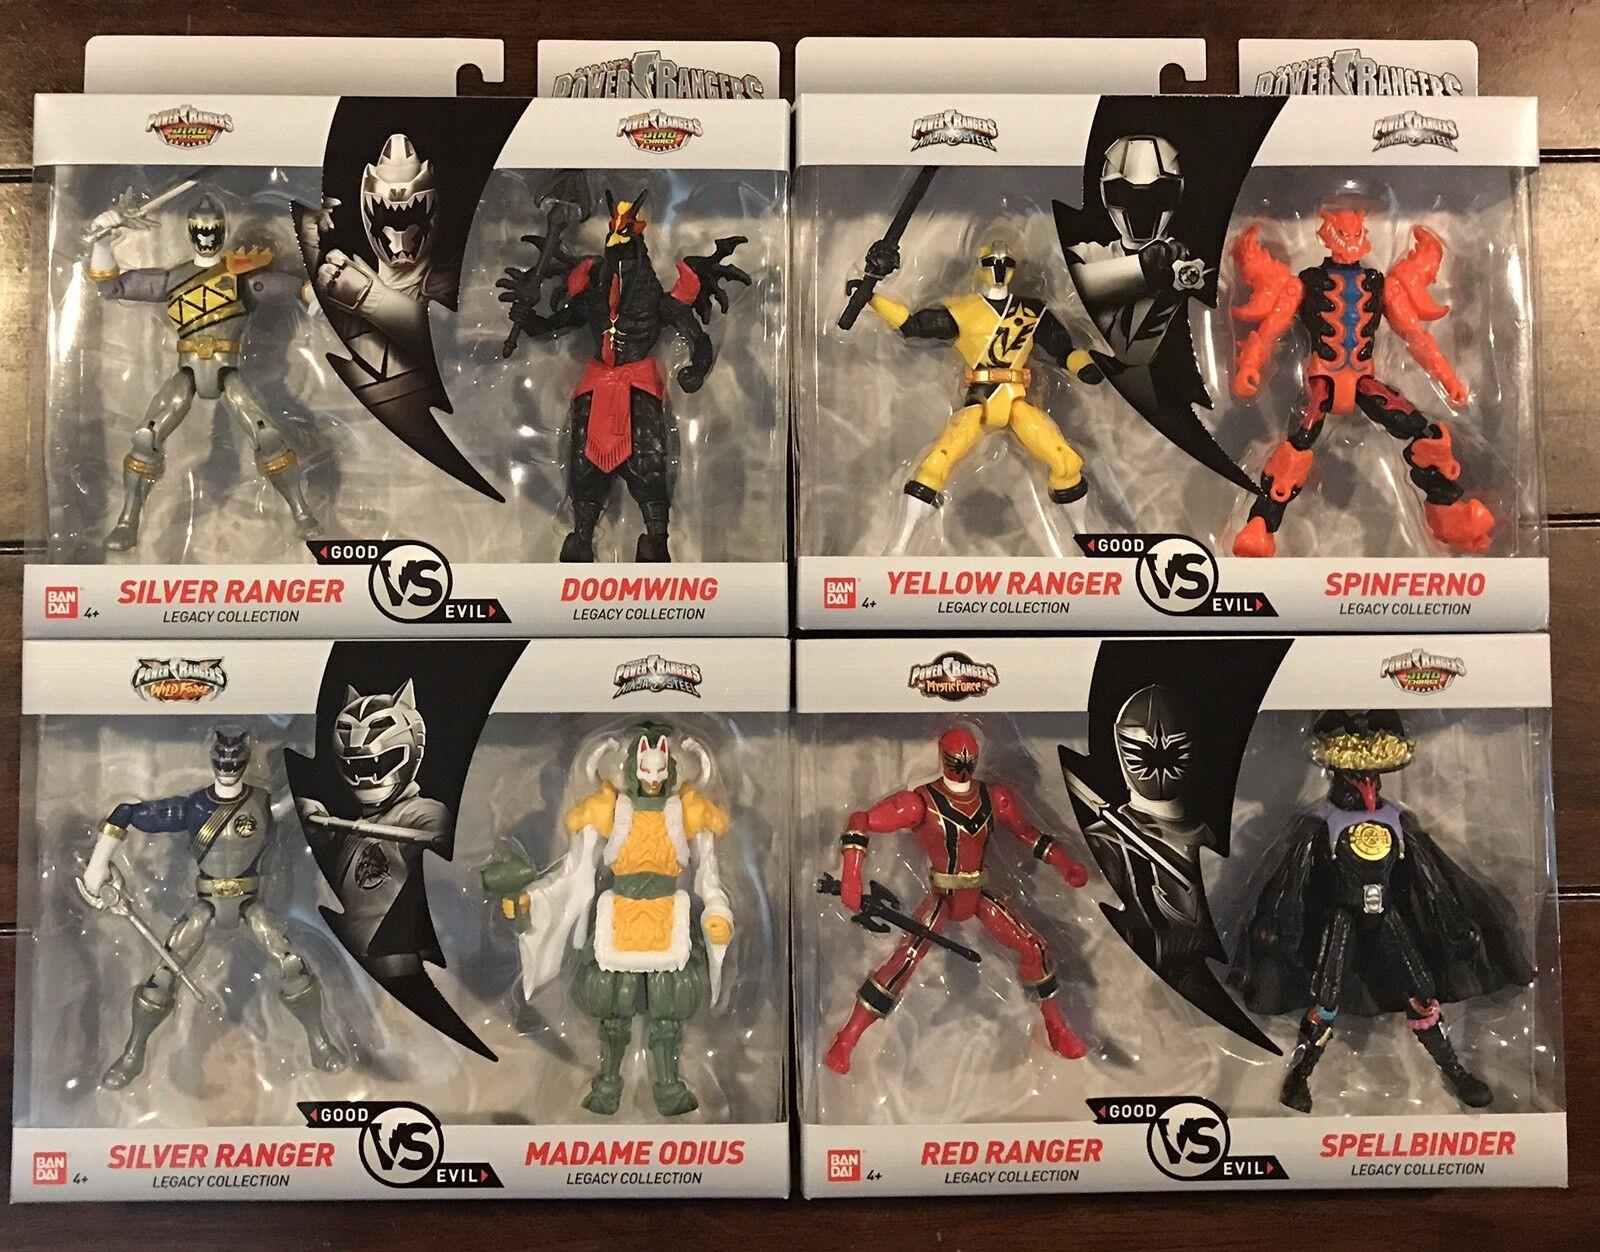 Nueva Colección Legado de Power Rangers buena Vs Evil 2 Packs-Conjunto de 4-Nuevo En Caja